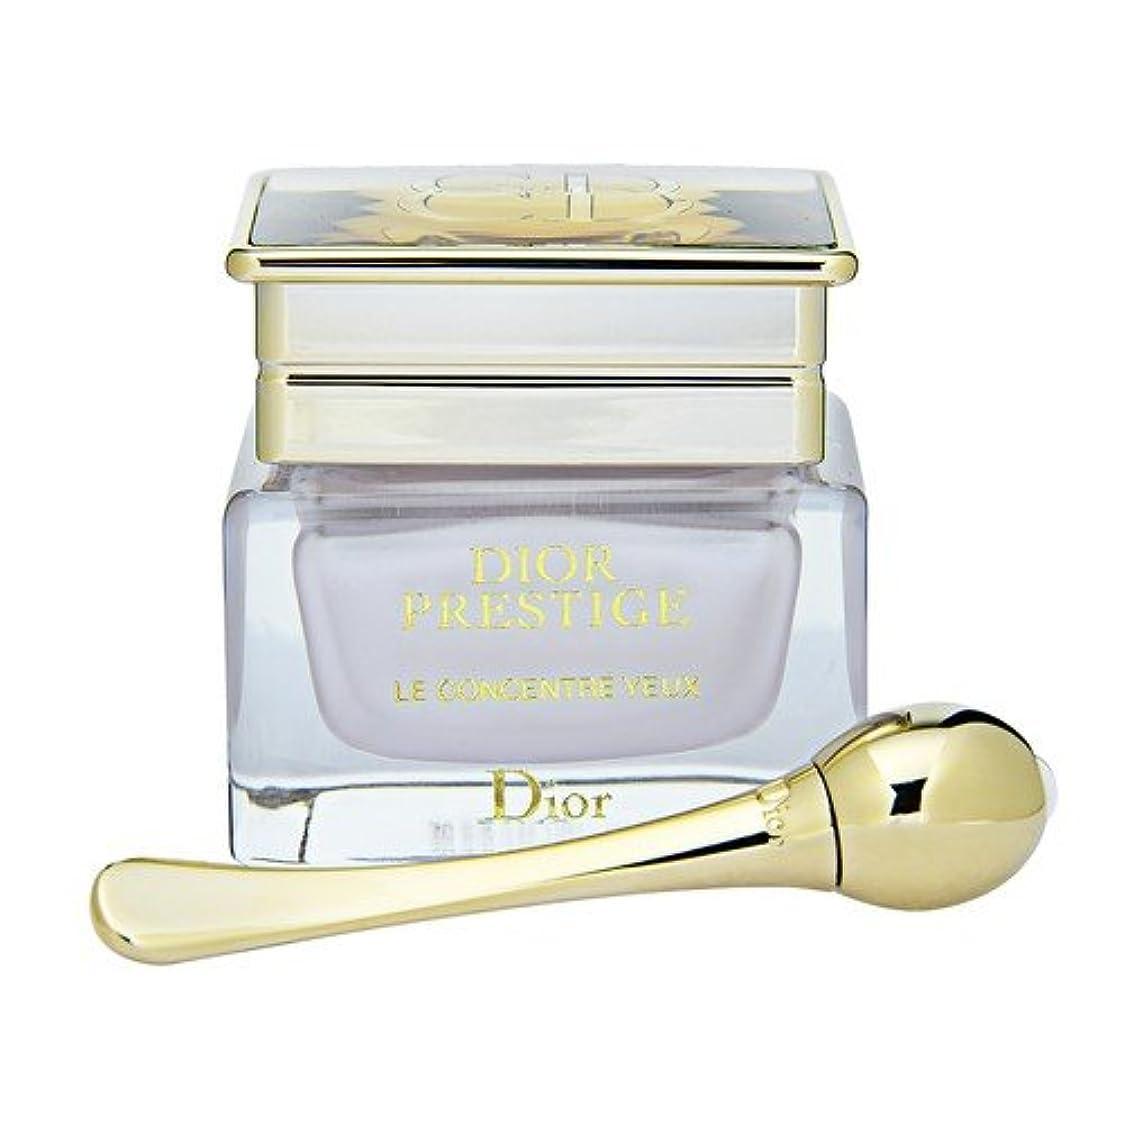 怠裁量唯一クリスチャン ディオール(Christian Dior) プレステージ ル コンサントレ ユー 15ml [並行輸入品]